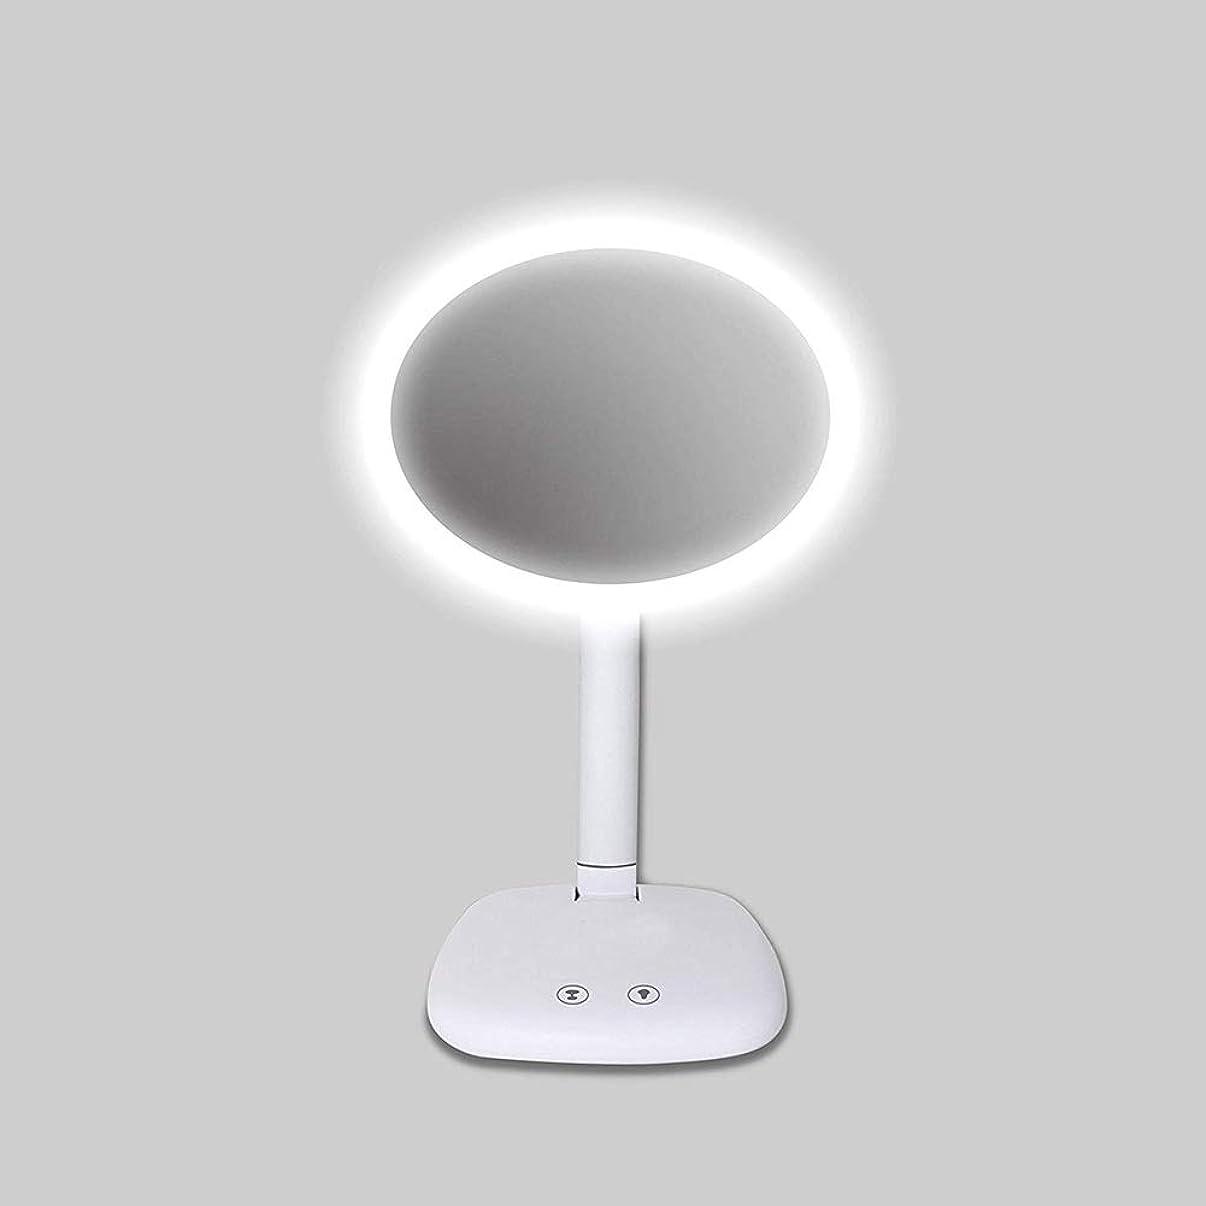 和らげる集団部屋を掃除するLED化粧鏡、デスクトップミラー、2-1バニティミラー、タッチセンシティブLEDミラー、3つの明るさ調節可能、USBまたはバッテリータイプ(白)